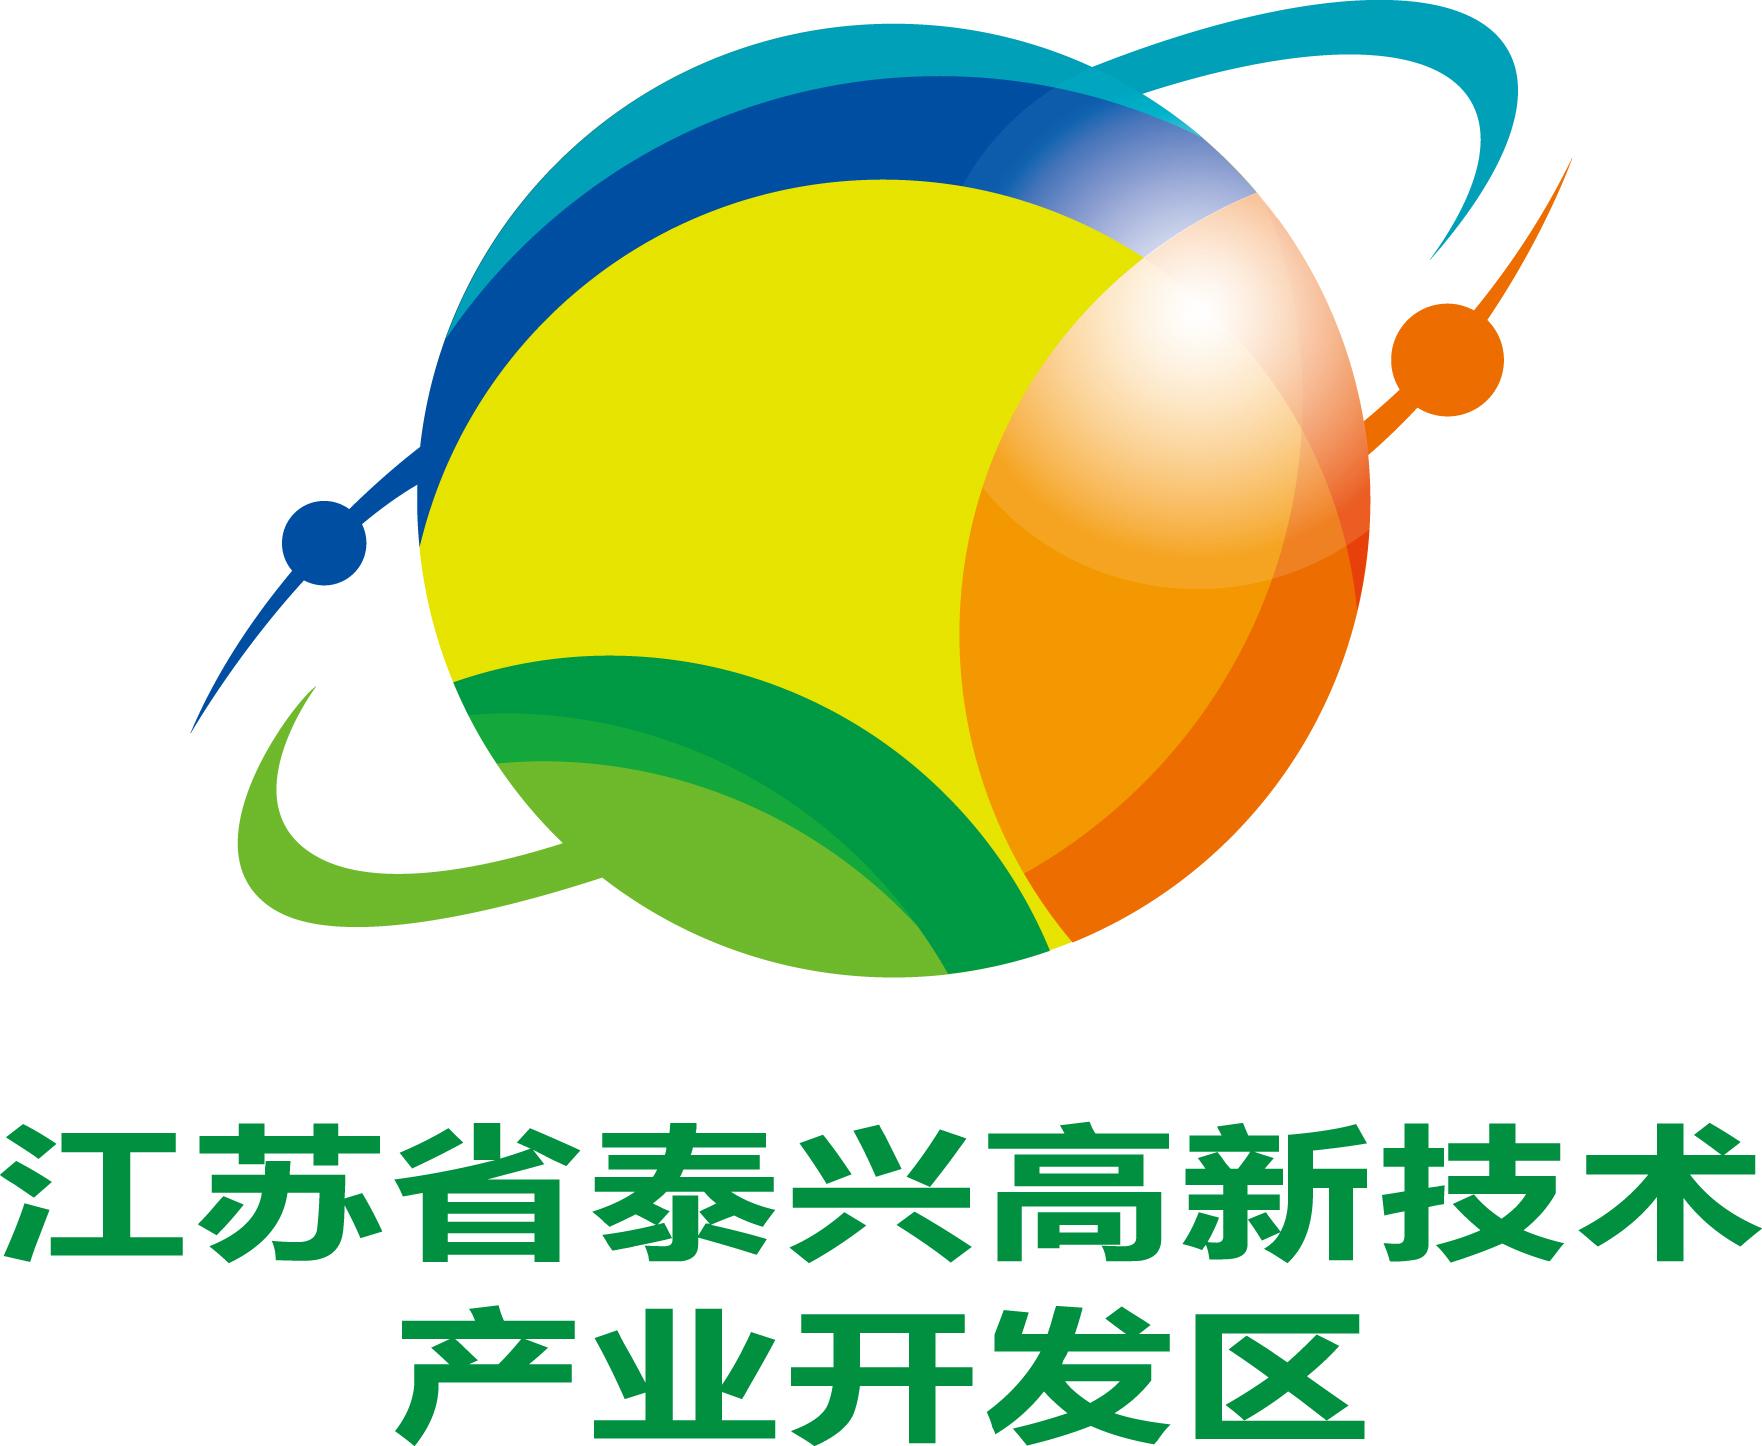 2021年上海环保展展商智光环保